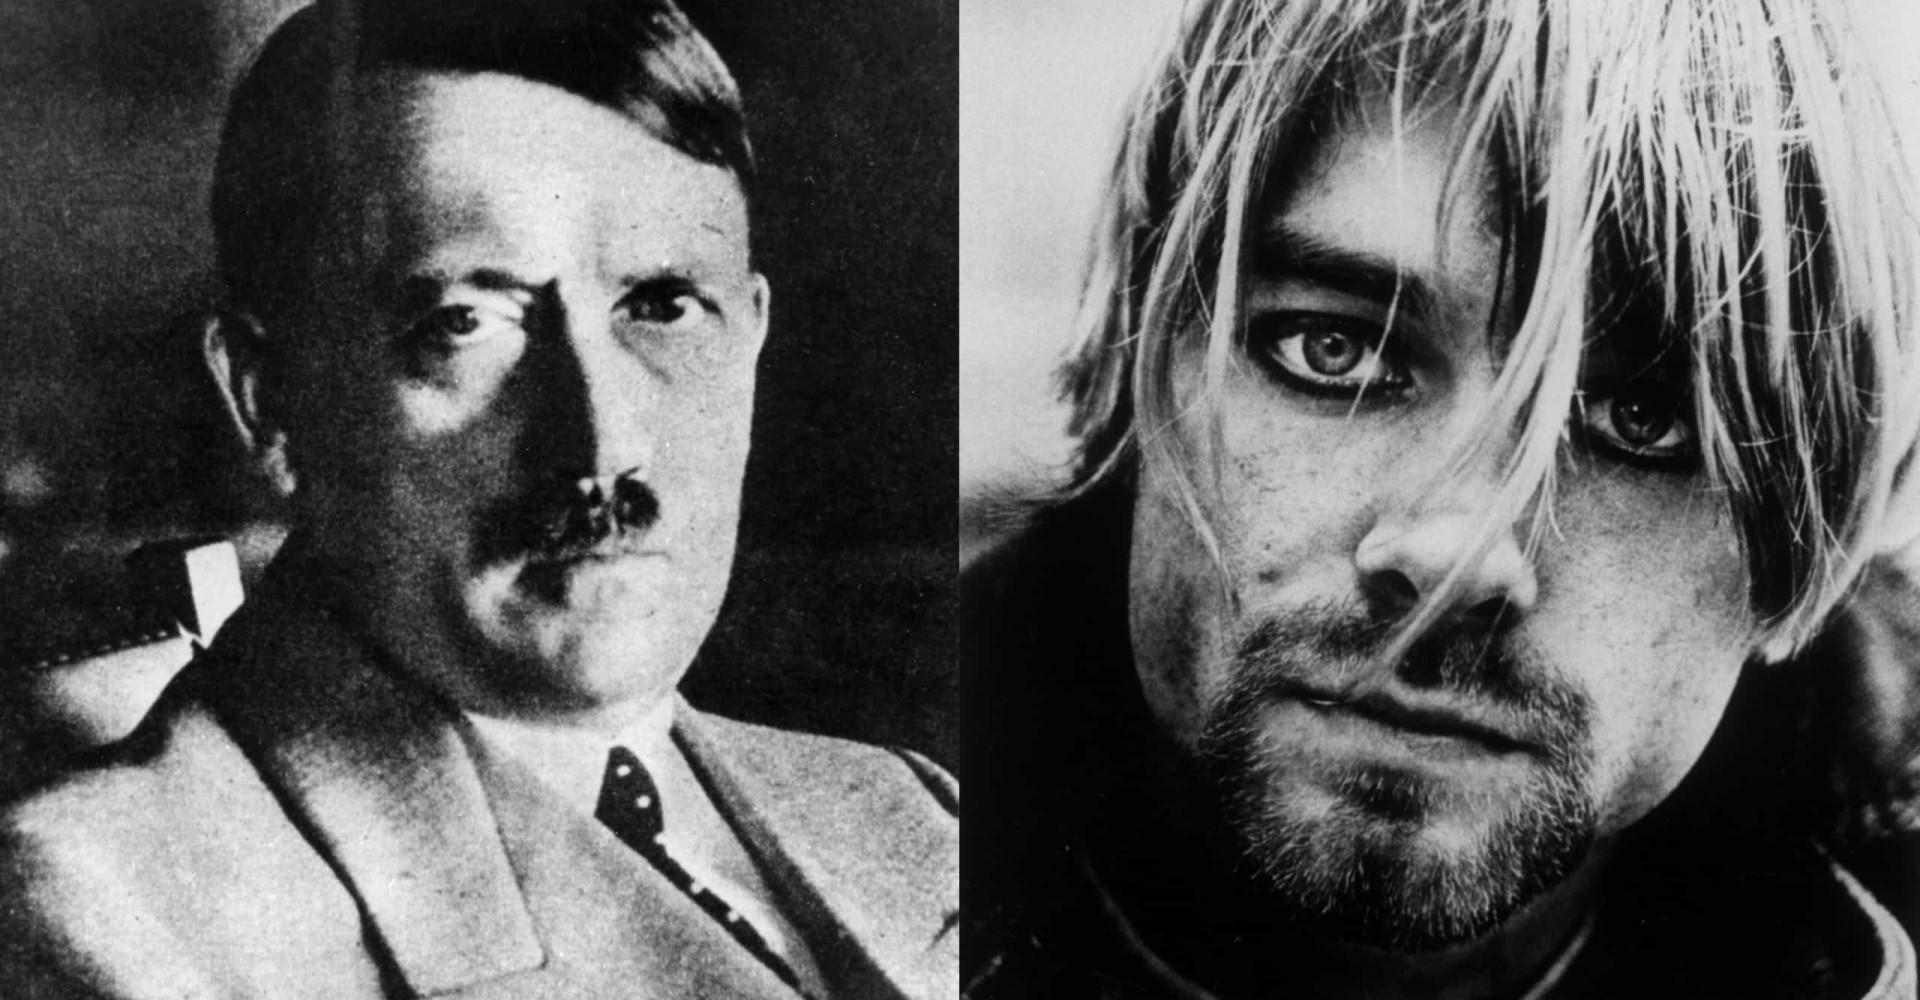 Sjokkerende selvmordsbrev skrevet av berømte personer